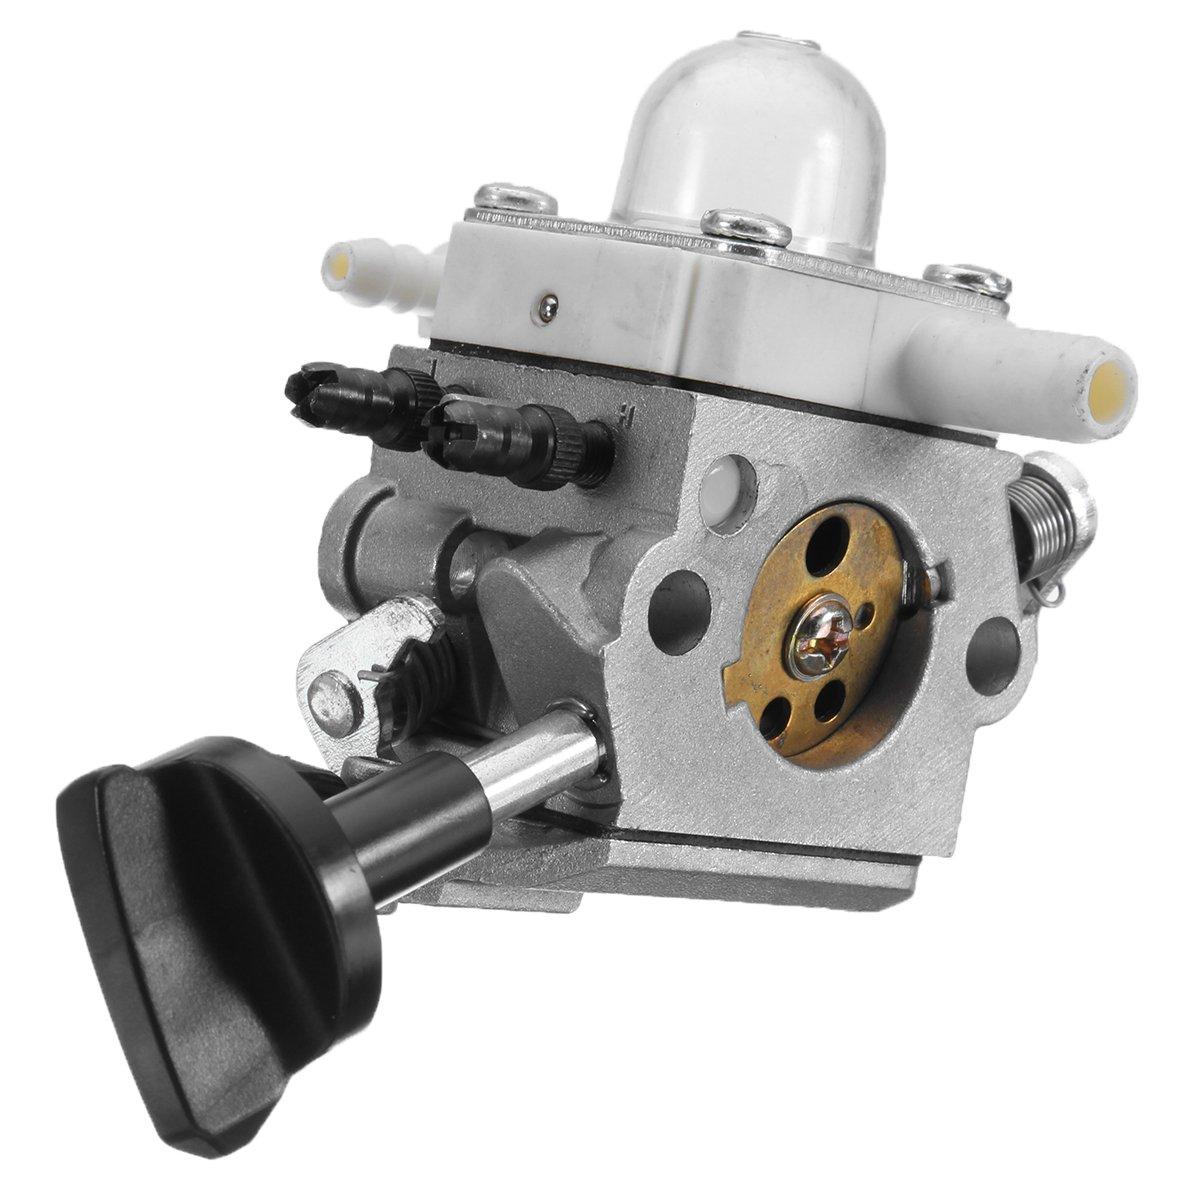 Fincos Carburetor Carb for Leaf Blower Stihl SH56 SH56C SH86 SH86C BG86 Zama C1M S261B